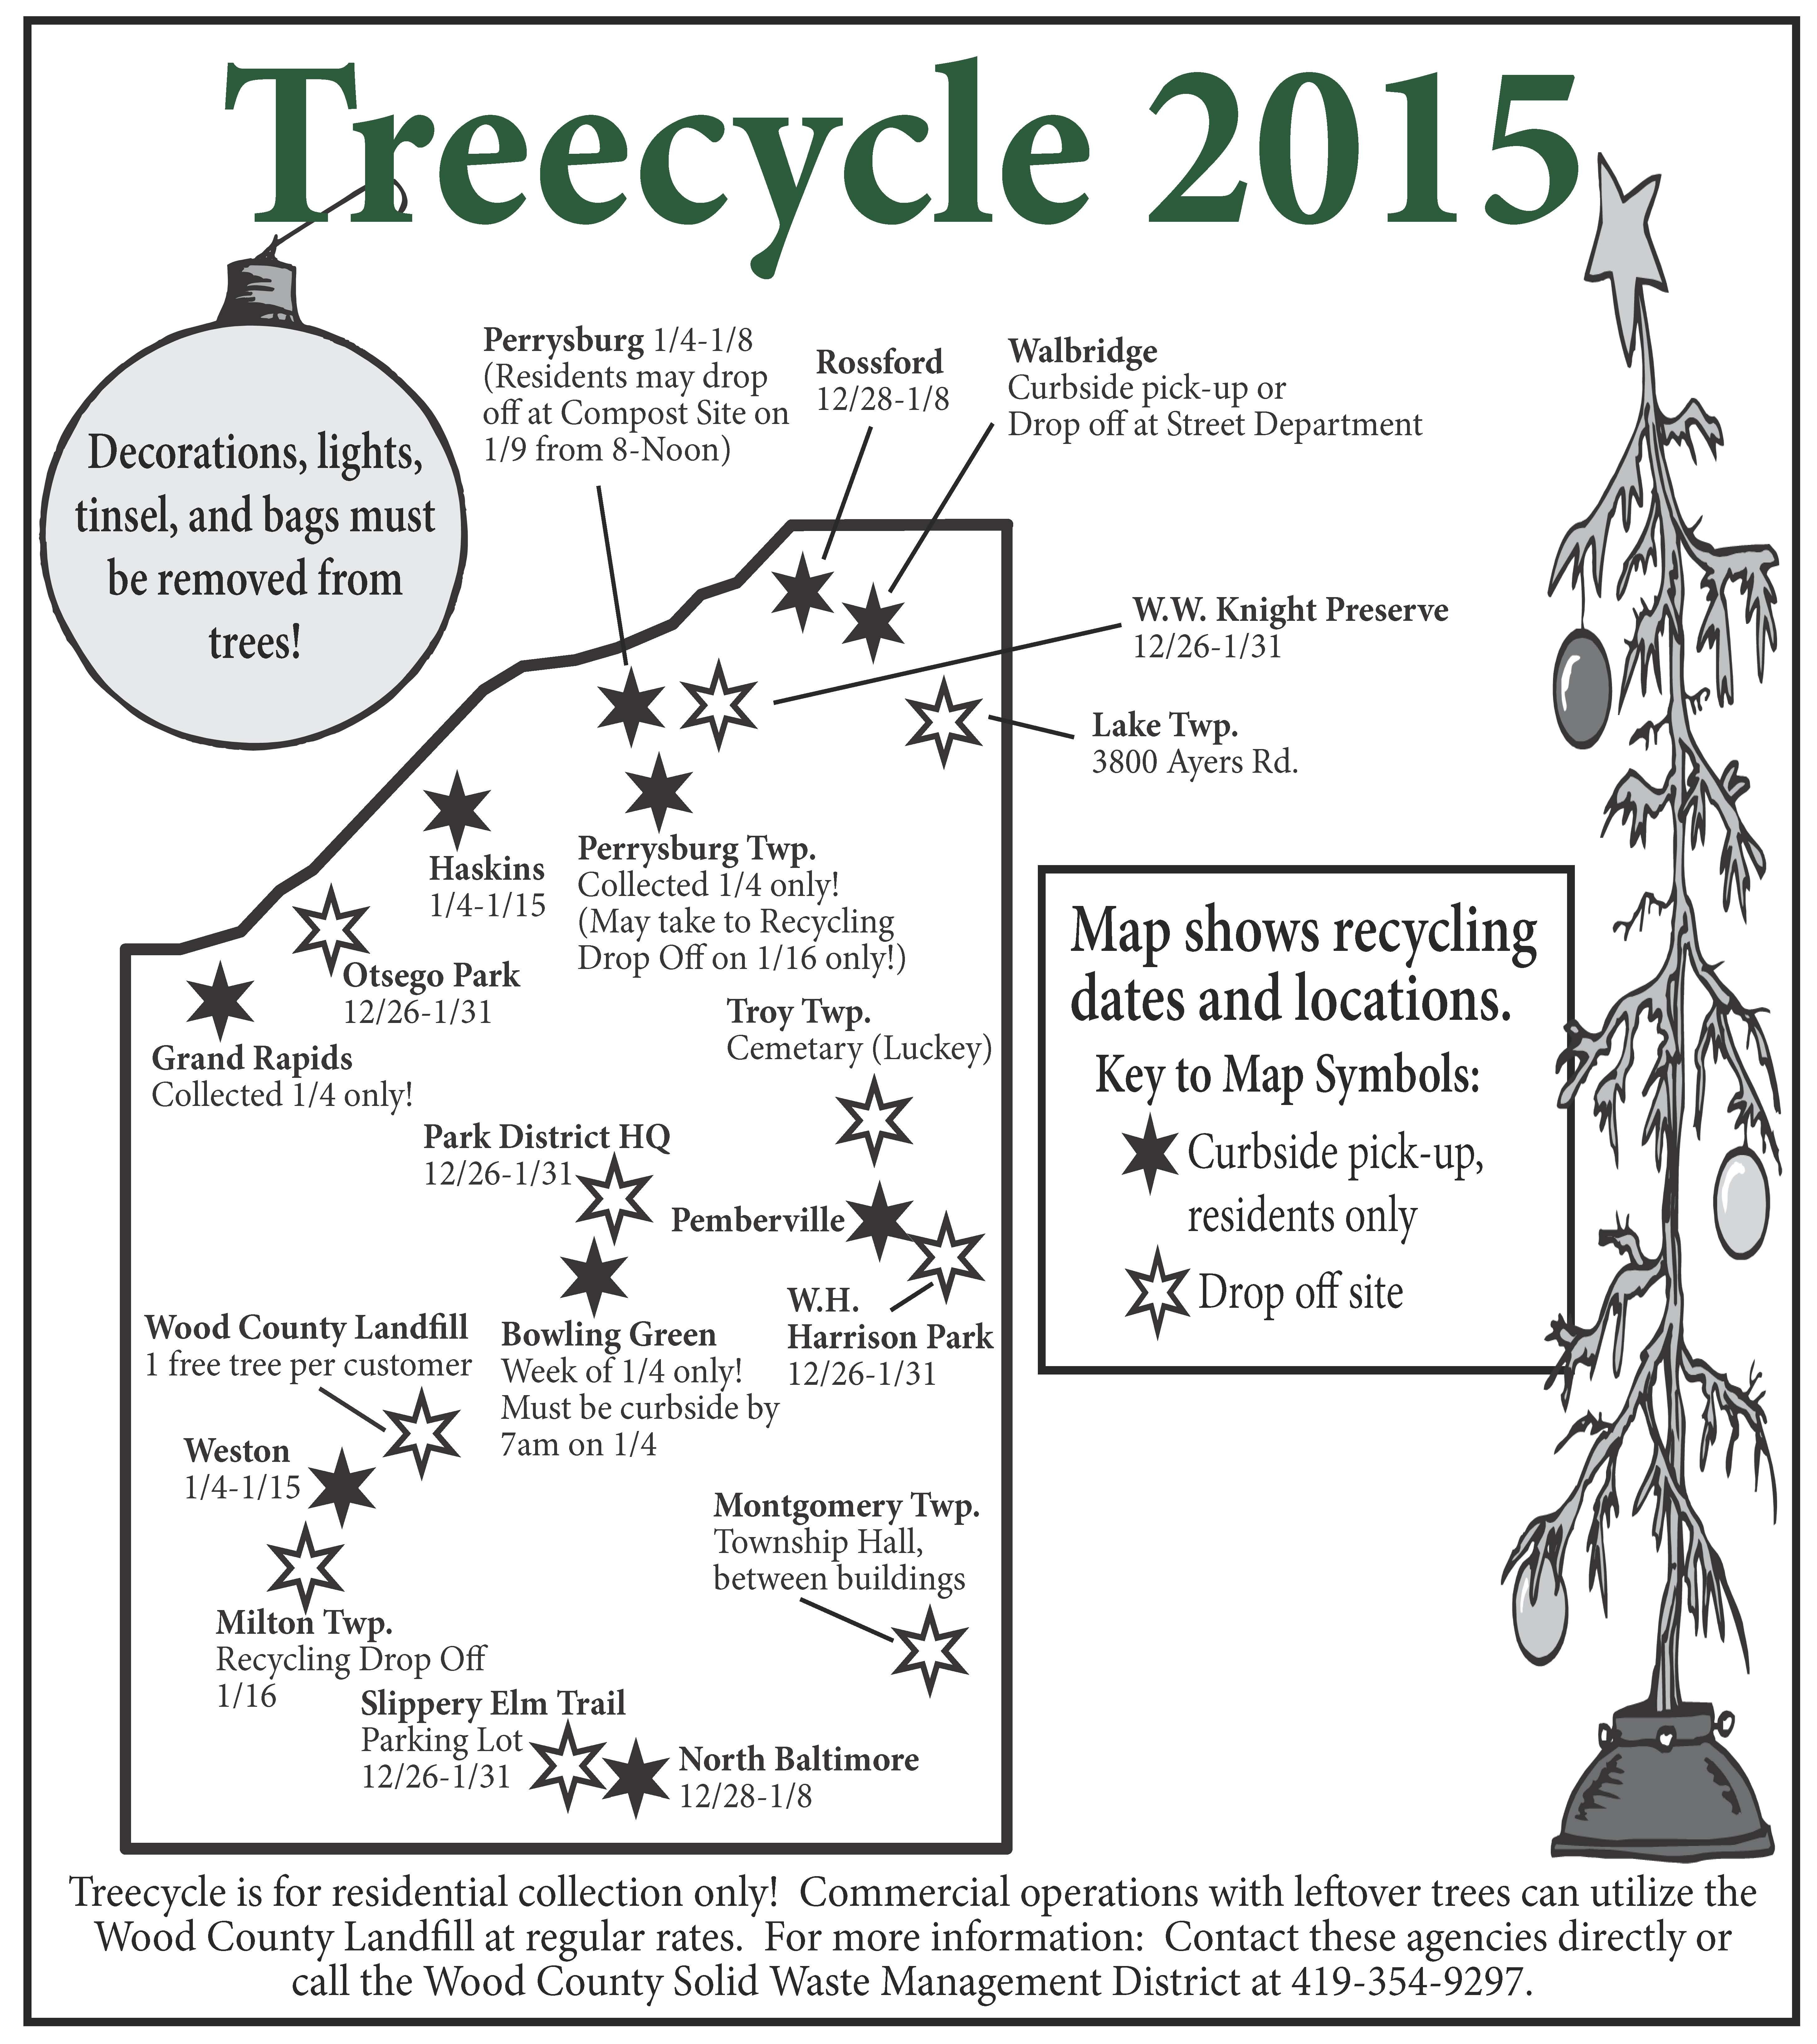 treecycle 2015